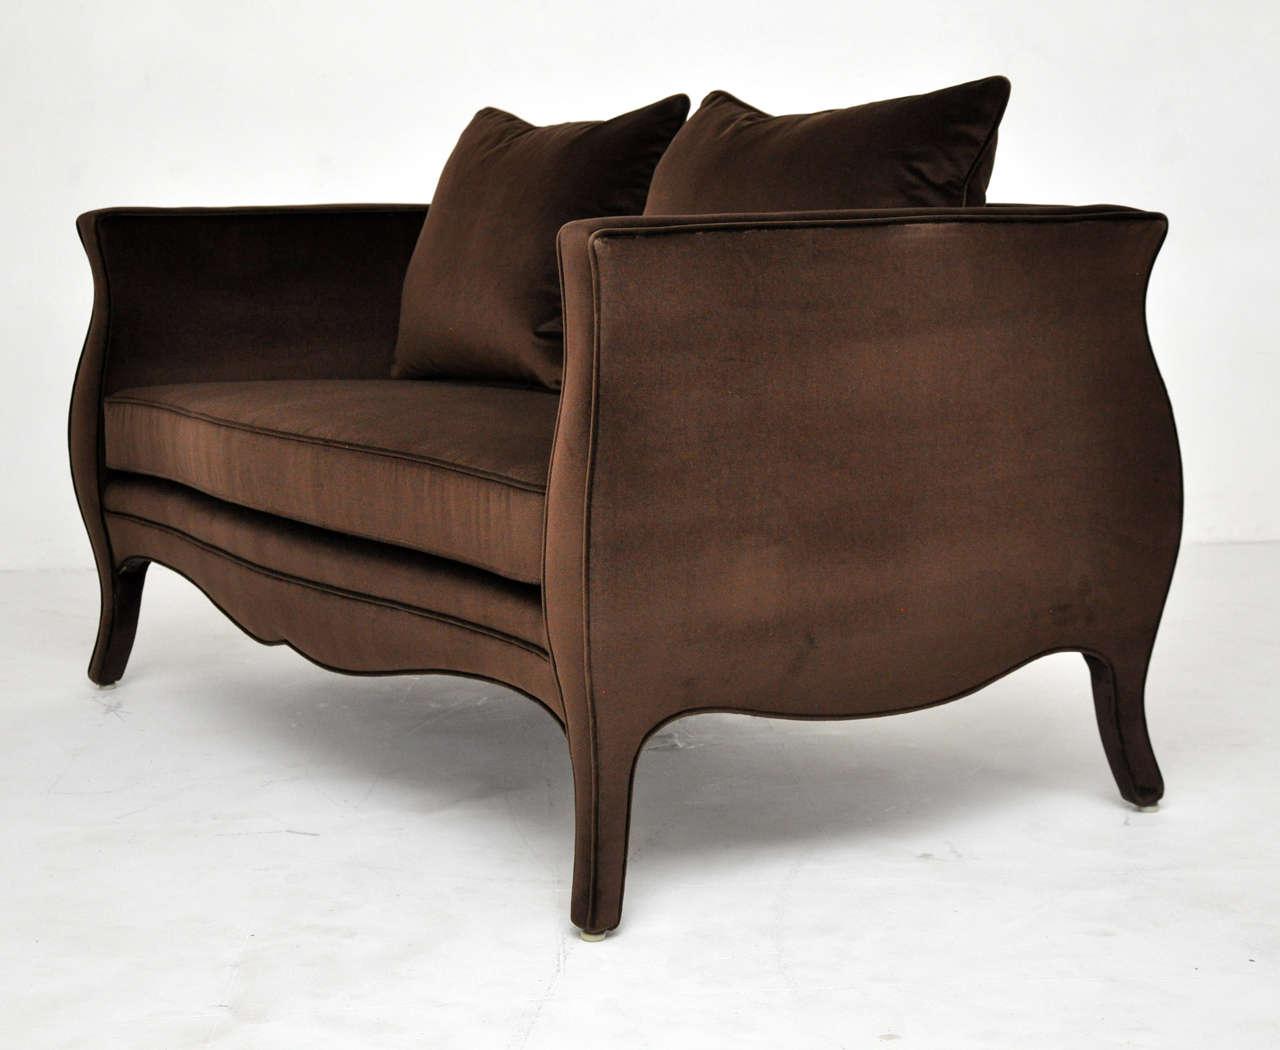 Richard himmel velvet settee for sale at 1stdibs for Settees for sale